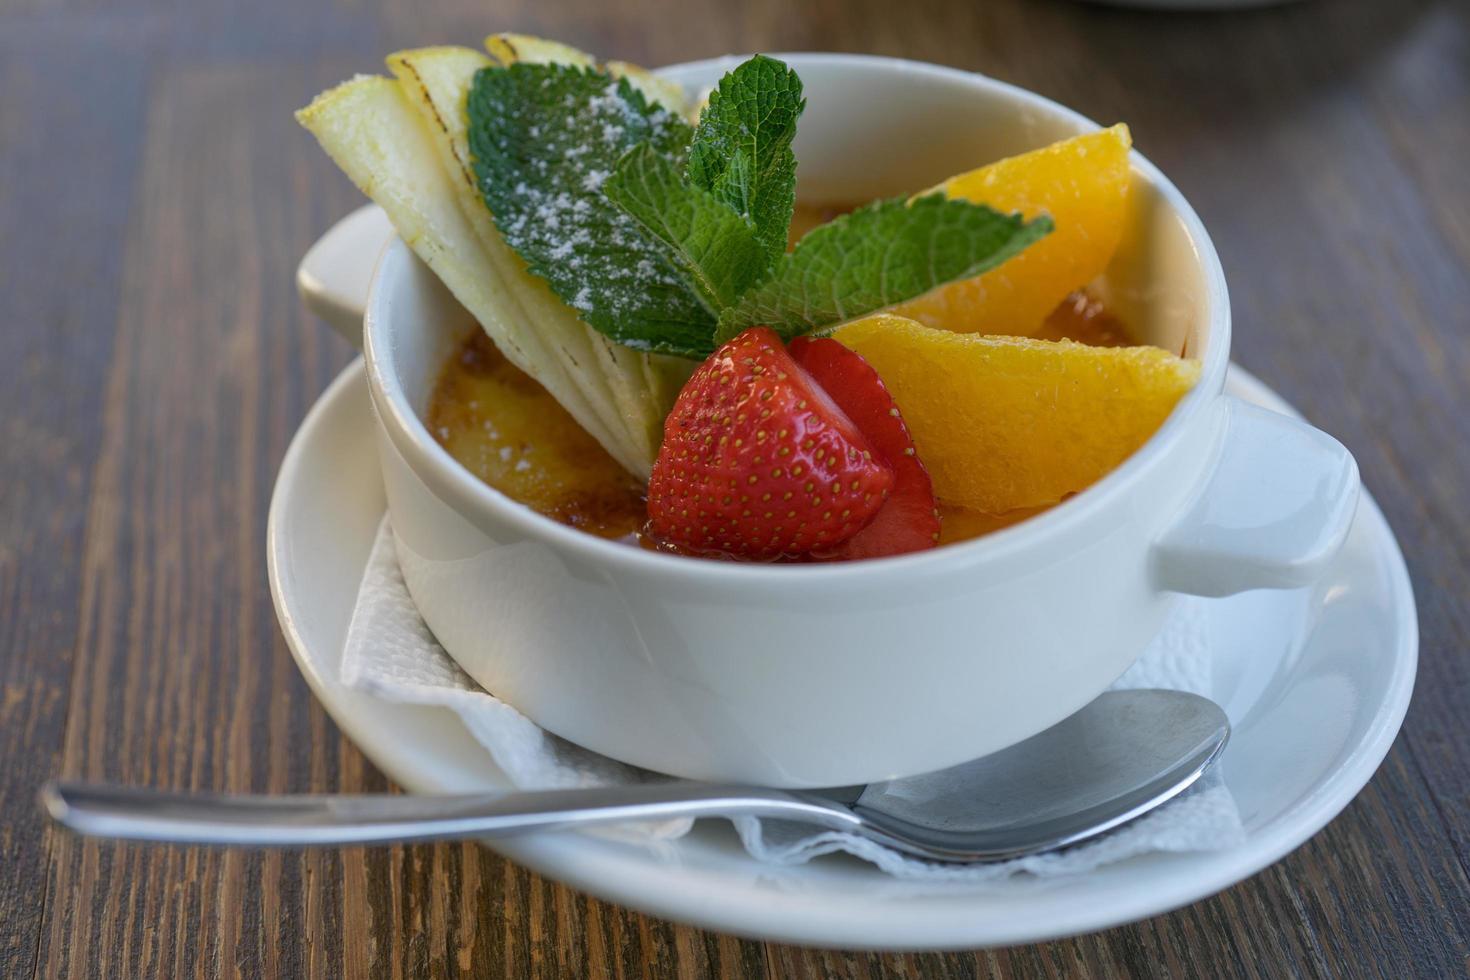 dolce al caramello con frutta fresca in una tazza di porcellana bianca come la neve. foto